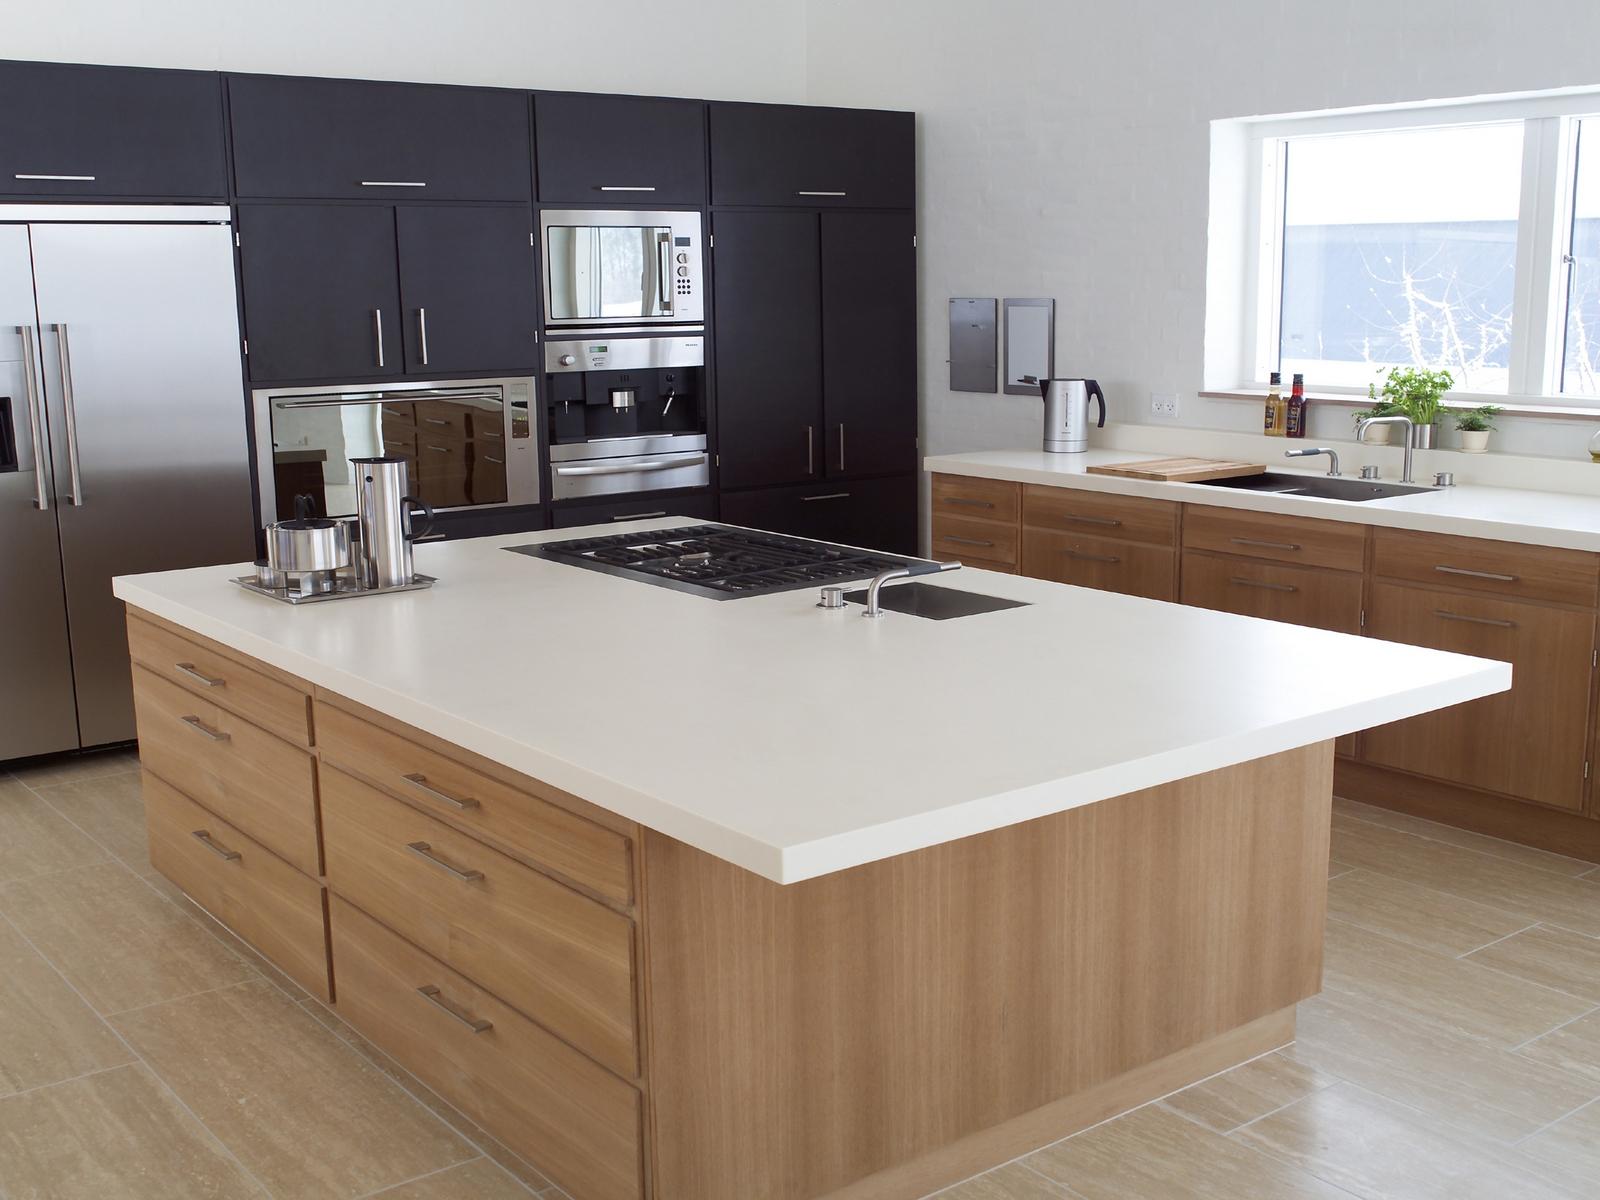 modular kitchen manufacturer manufacturer from modular kitchen cabinets manufacturers modular. Black Bedroom Furniture Sets. Home Design Ideas